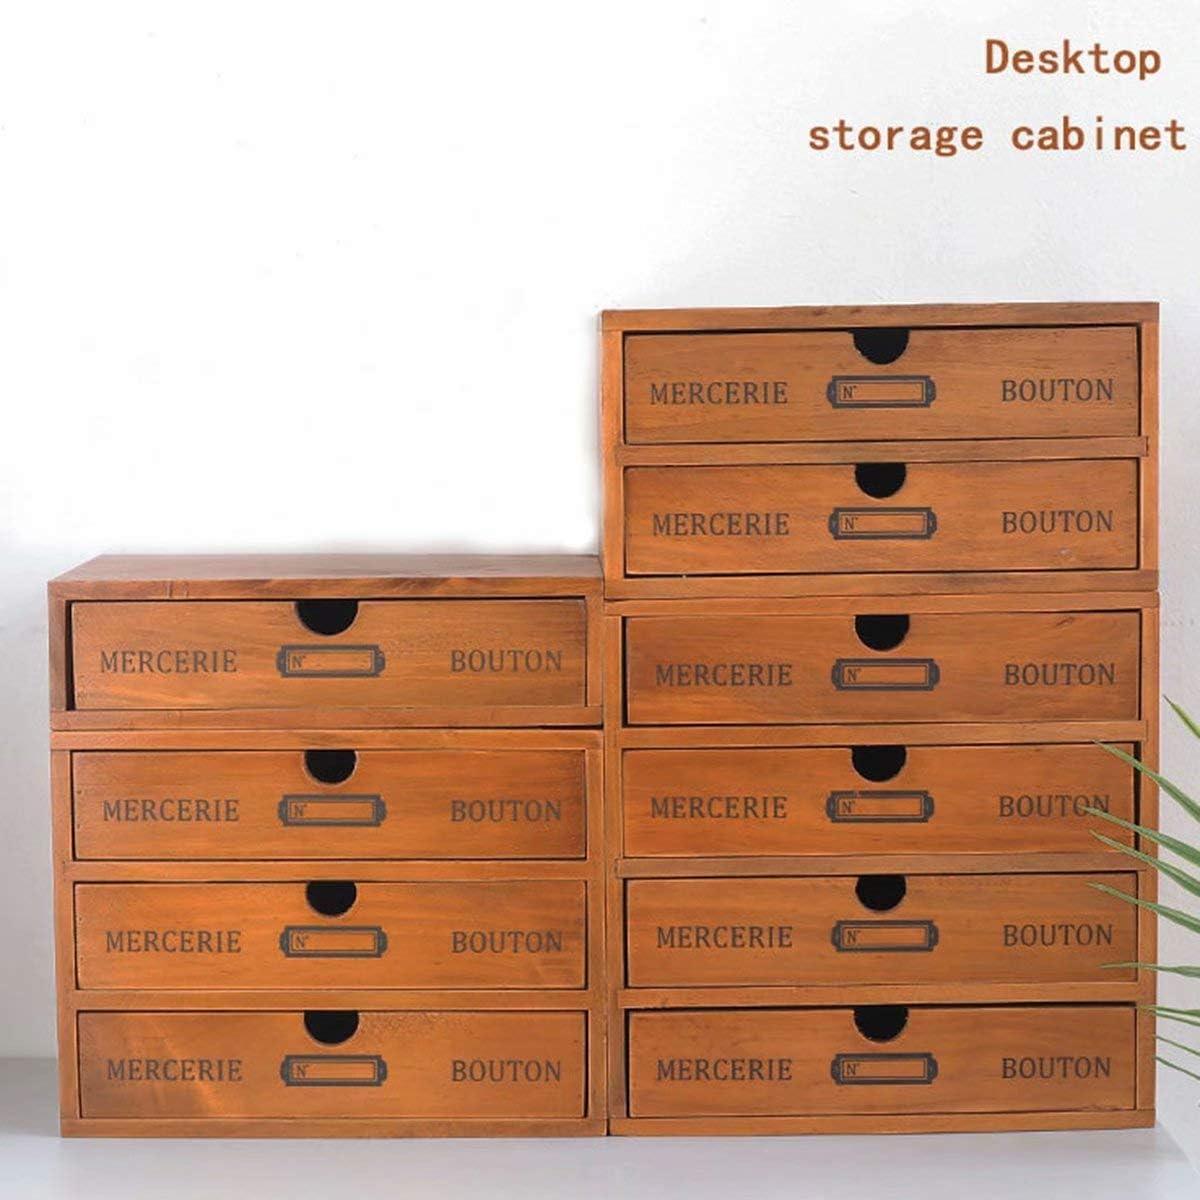 De madera Organizador de escritorio papeler/ía multifuncional Tarjeta Tel/éfono m/óvil Portal/ápiz Caja de almacenaje Proveedores de Ministerio del Interior Cuatro cajones